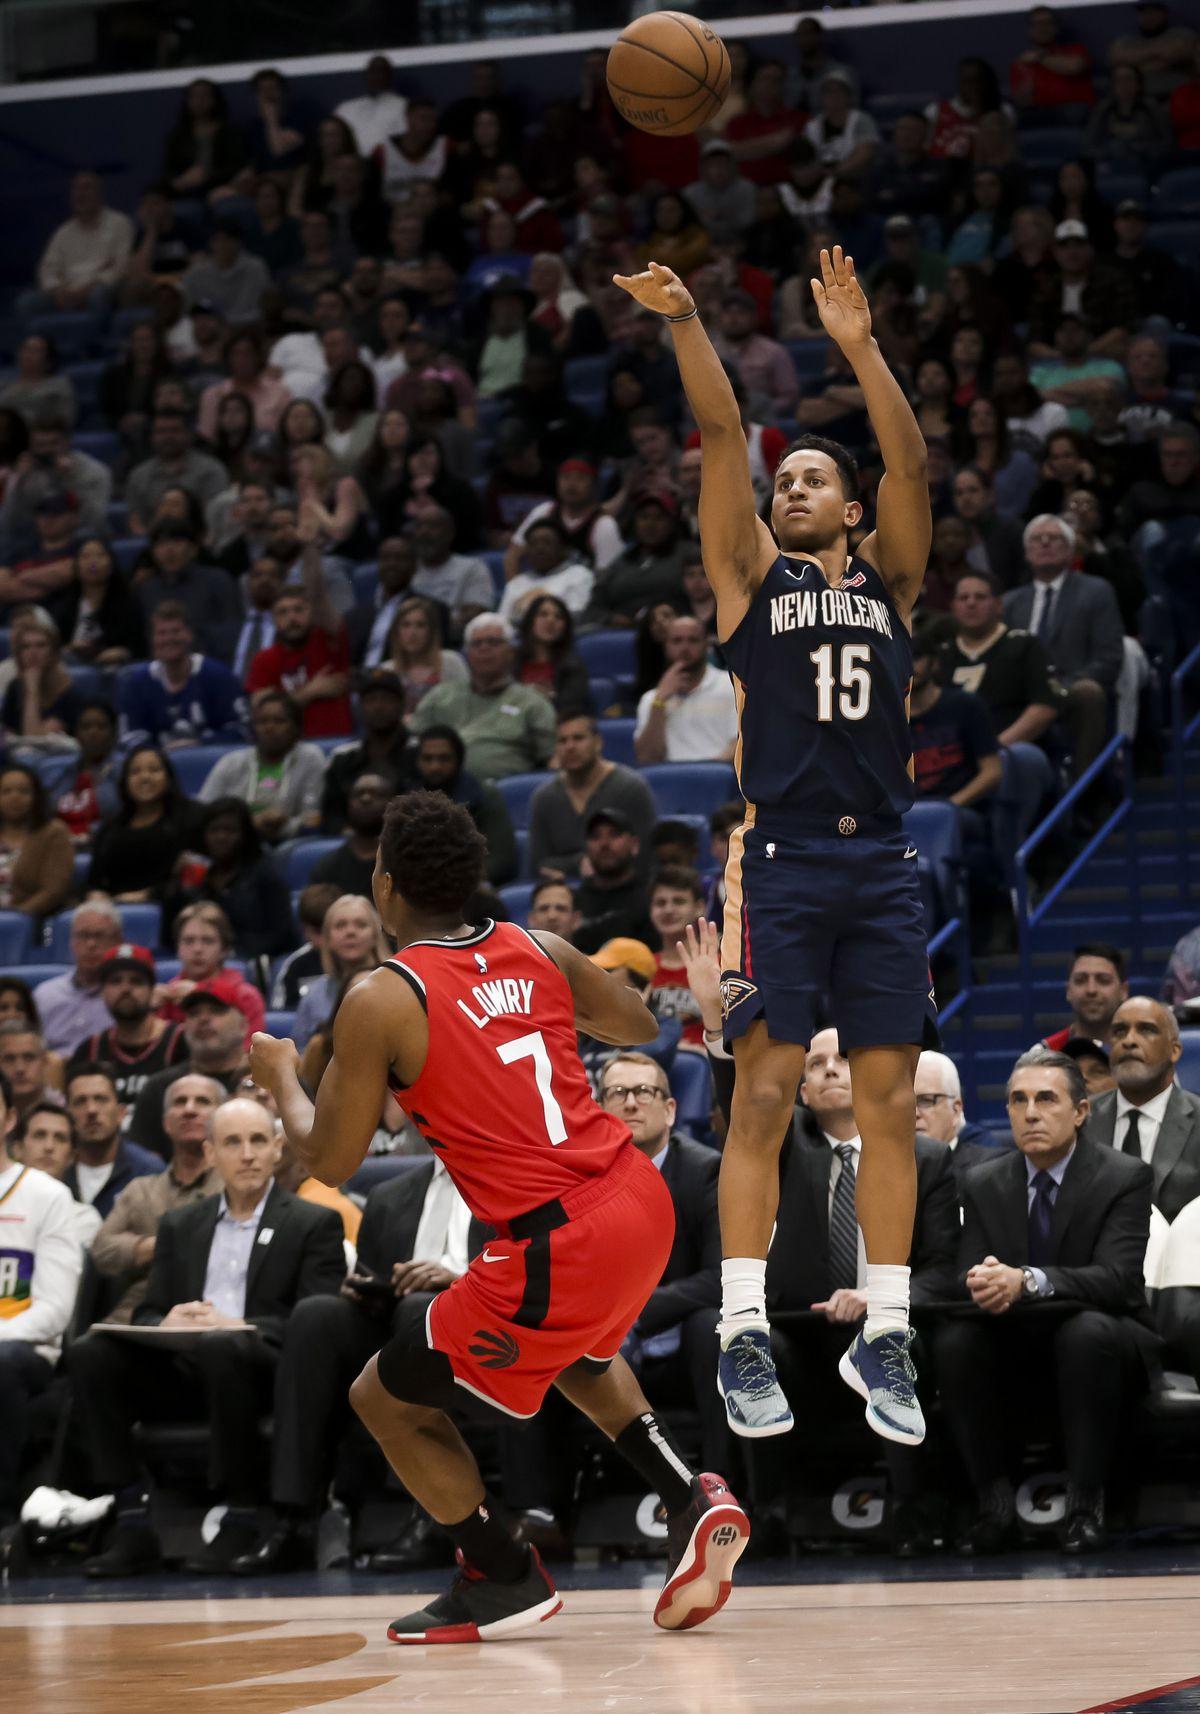 NBA: Toronto Raptors at New Orleans Pelicans